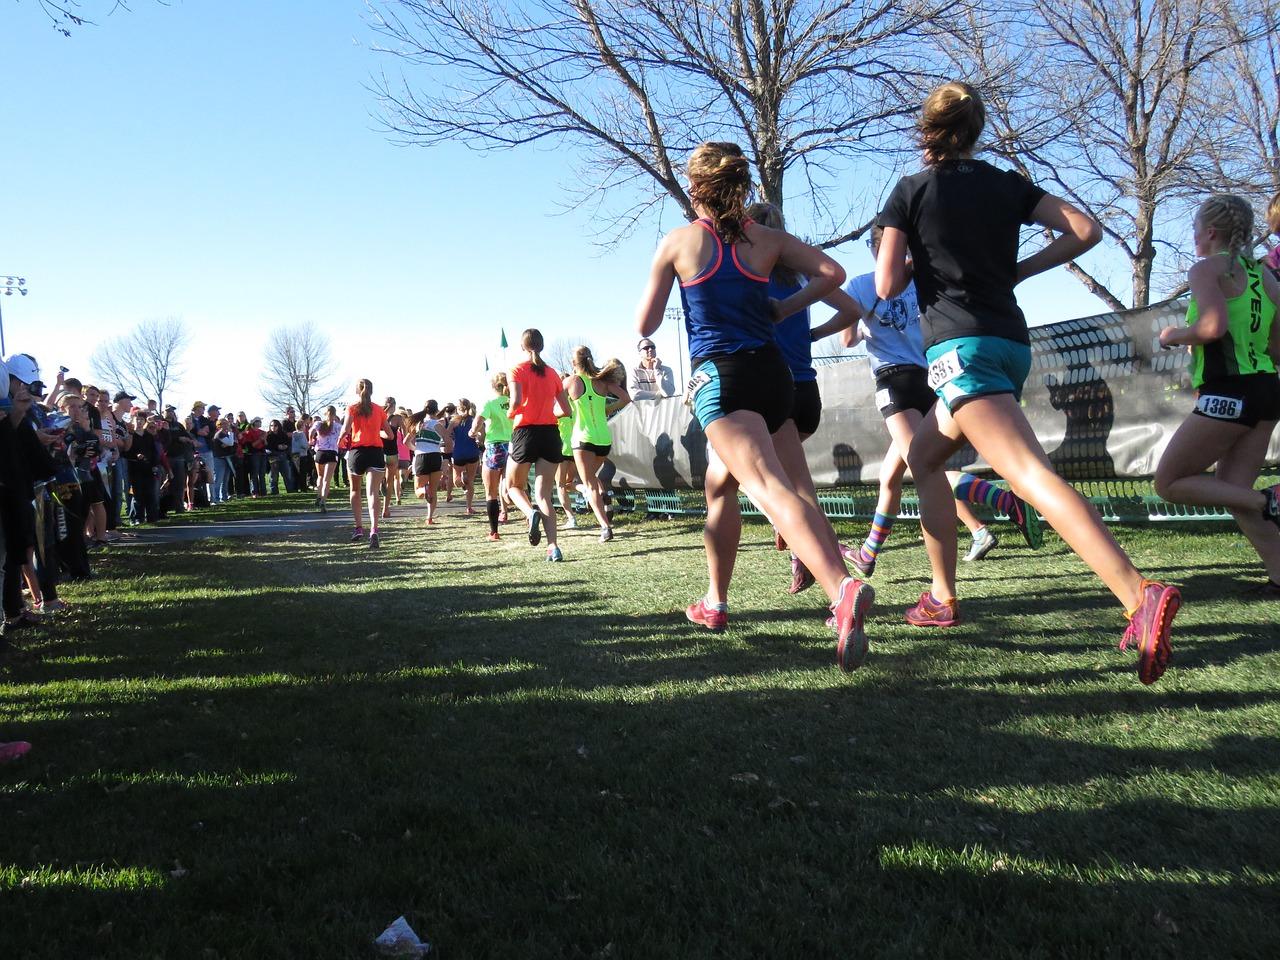 runners-2365067_1280.jpg